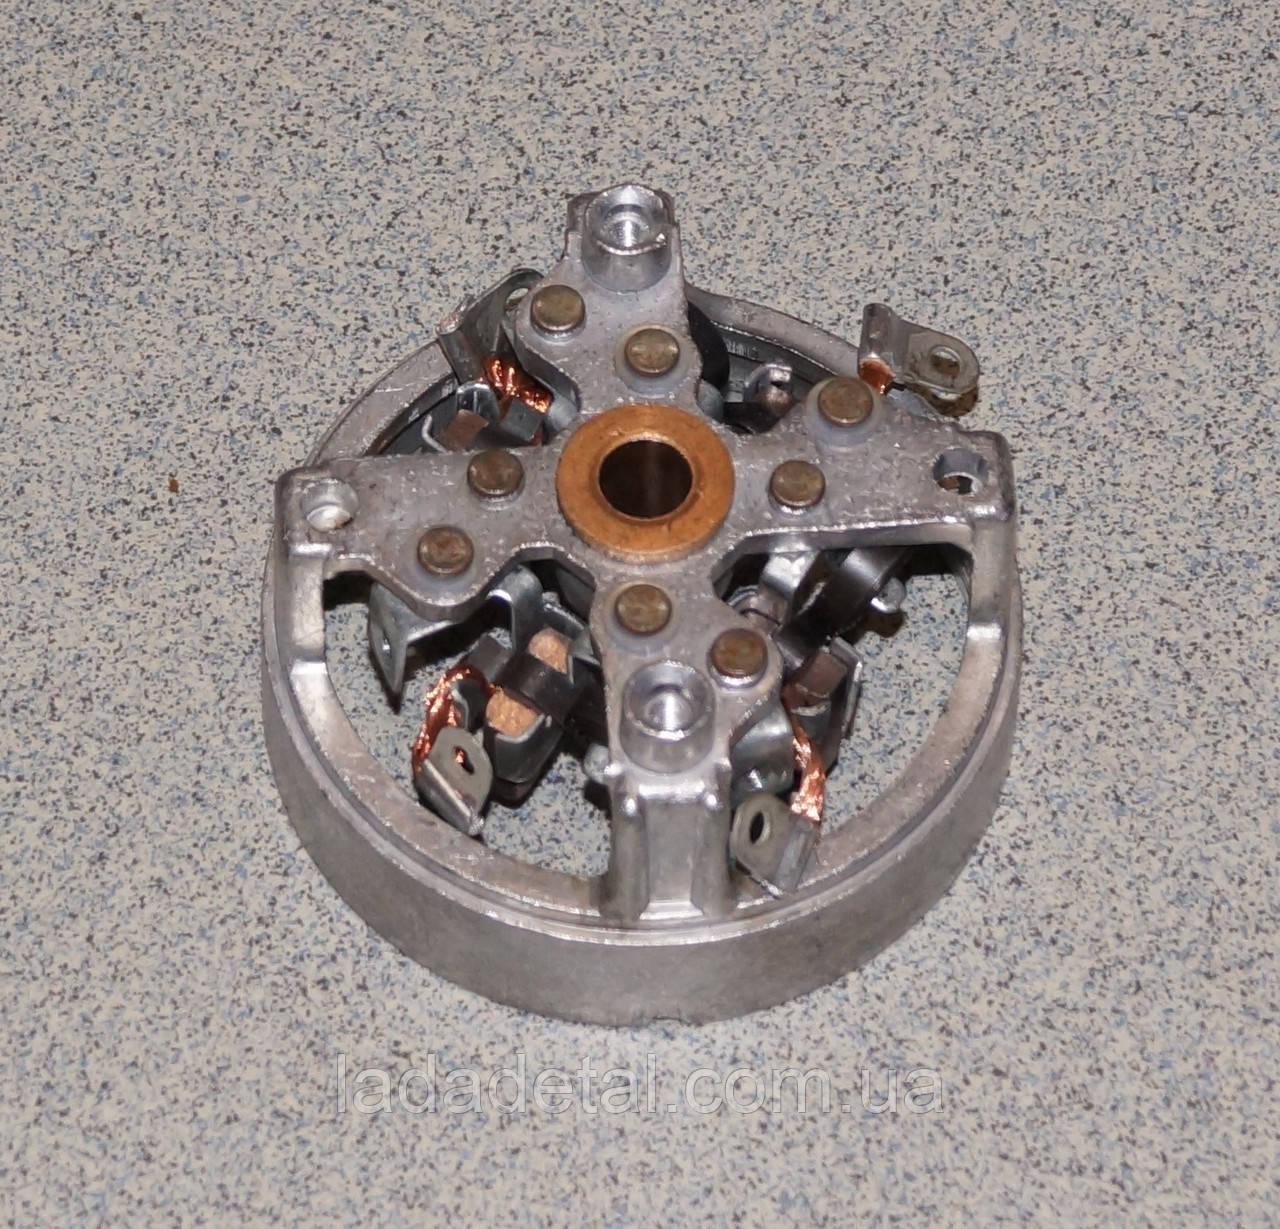 Крышка стартера задняя ВАЗ 2101-2107, 2108-21099 на Катек